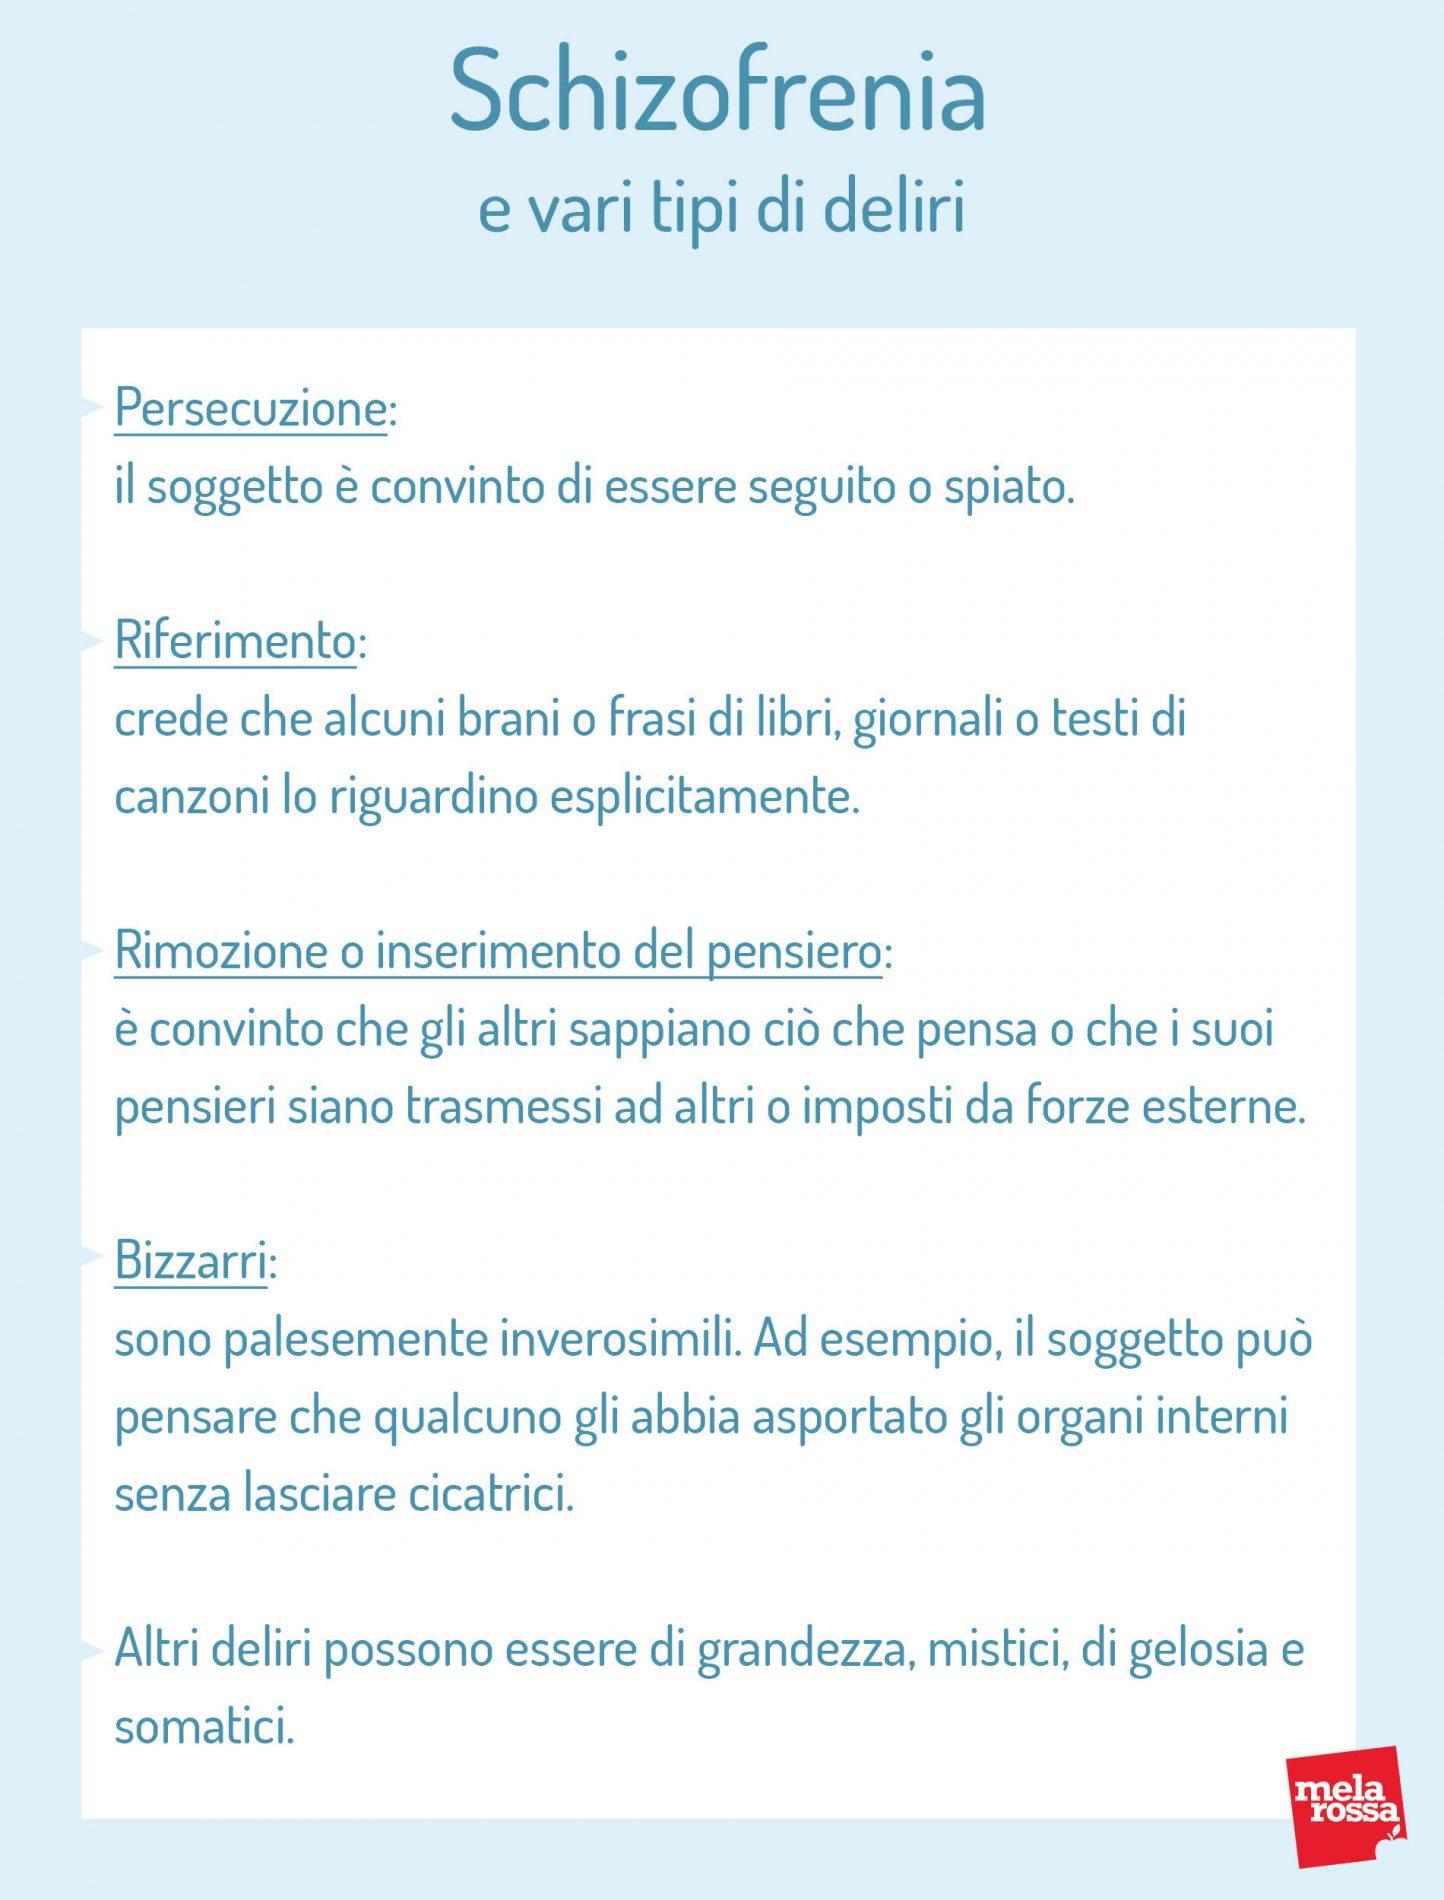 Esquizofrenia y varios tipos de delirios.